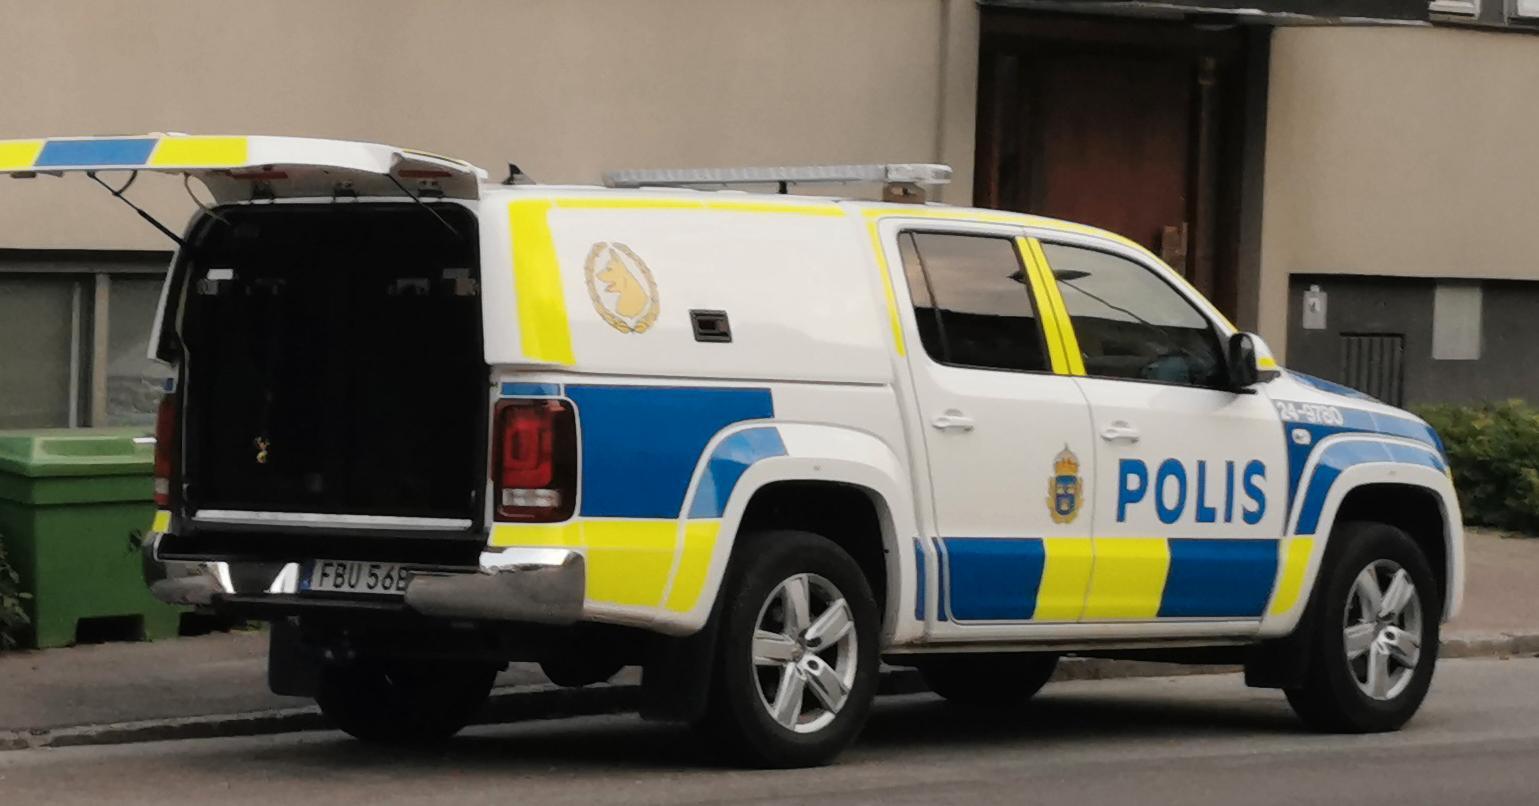 En person har blivit knivhuggen, enligt uppgifter till Aftonbladet.